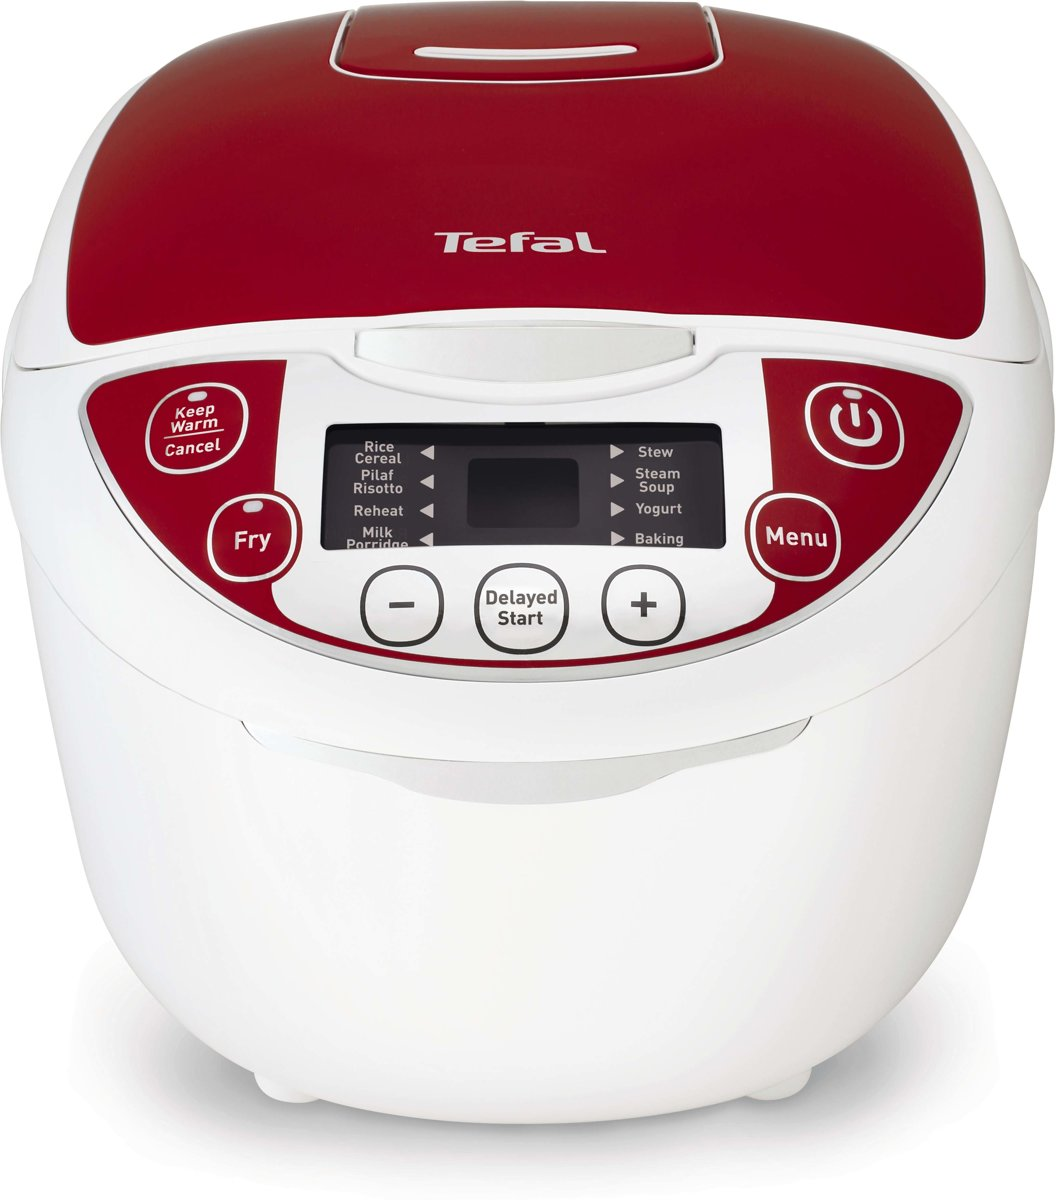 Tefal RK7051 12 in 1 - Multicooker / Rijstkoker